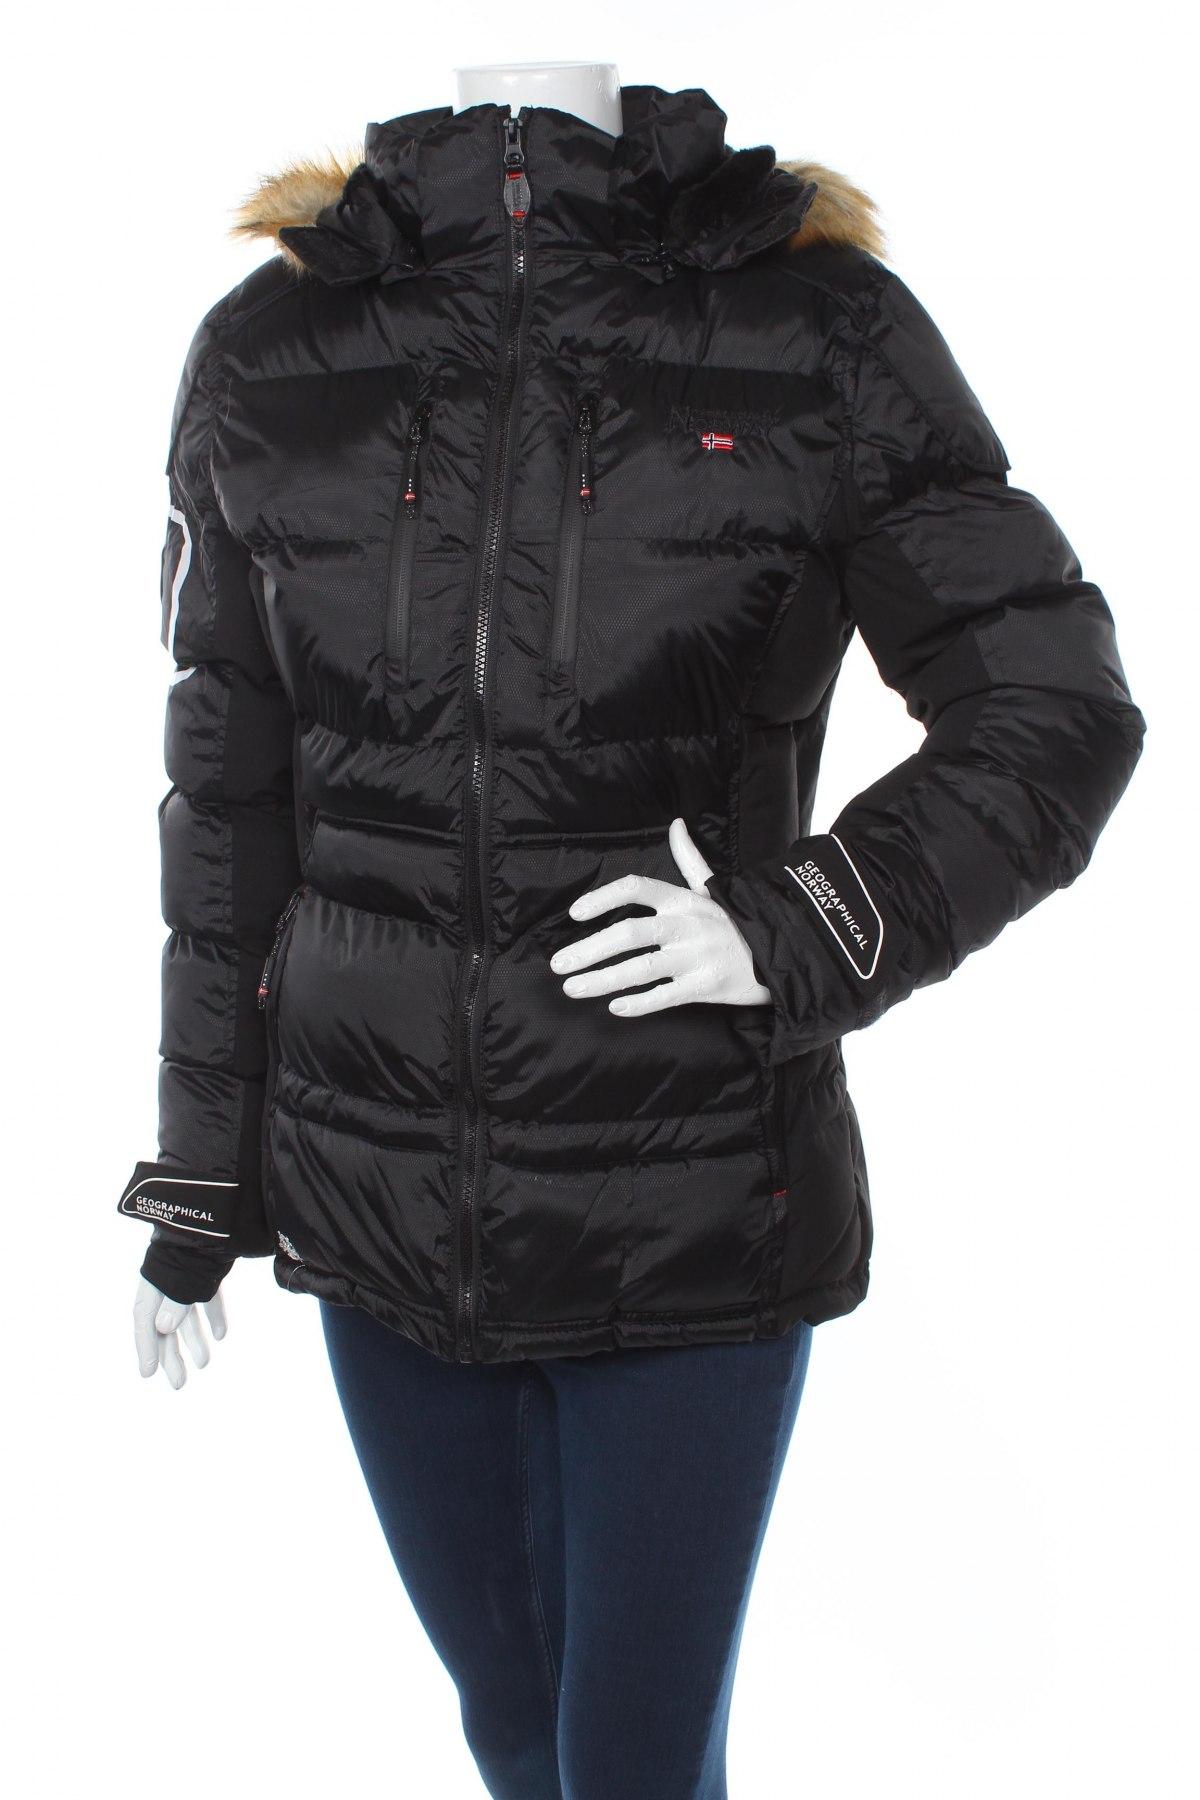 Дамско яке за зимни спортове Geographical Norway, Размер M, Цвят Черен, Полиестер, Цена 146,25лв.